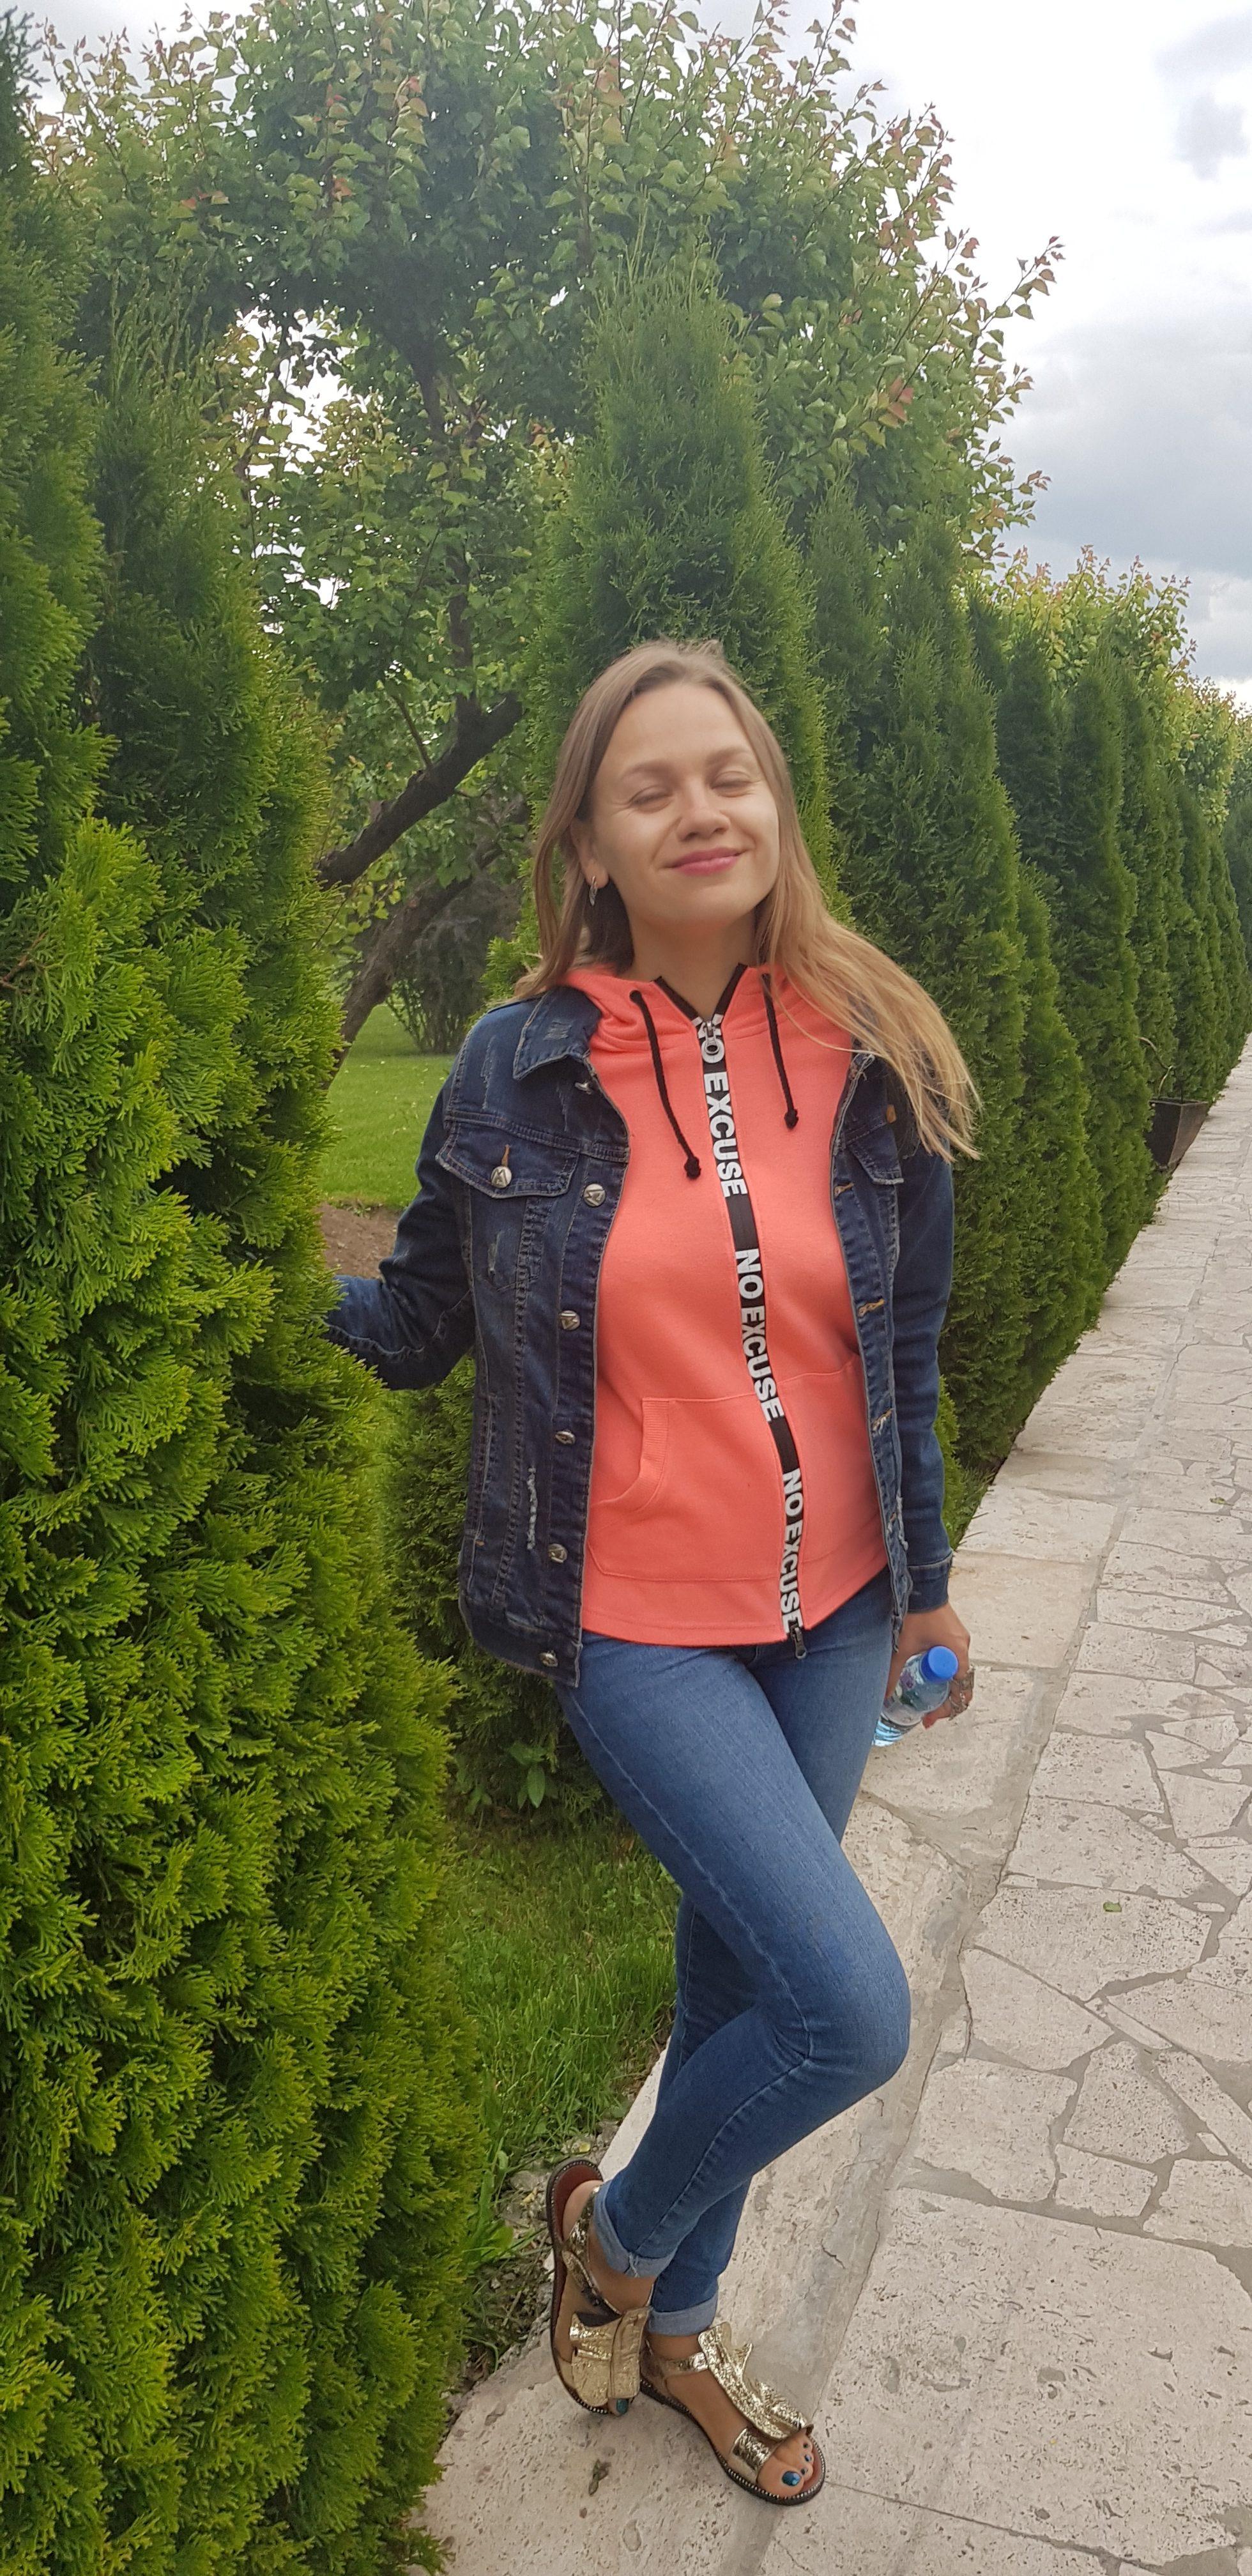 Семинар 2 дня в Одессе. Кризис во Благо! @ Odessa